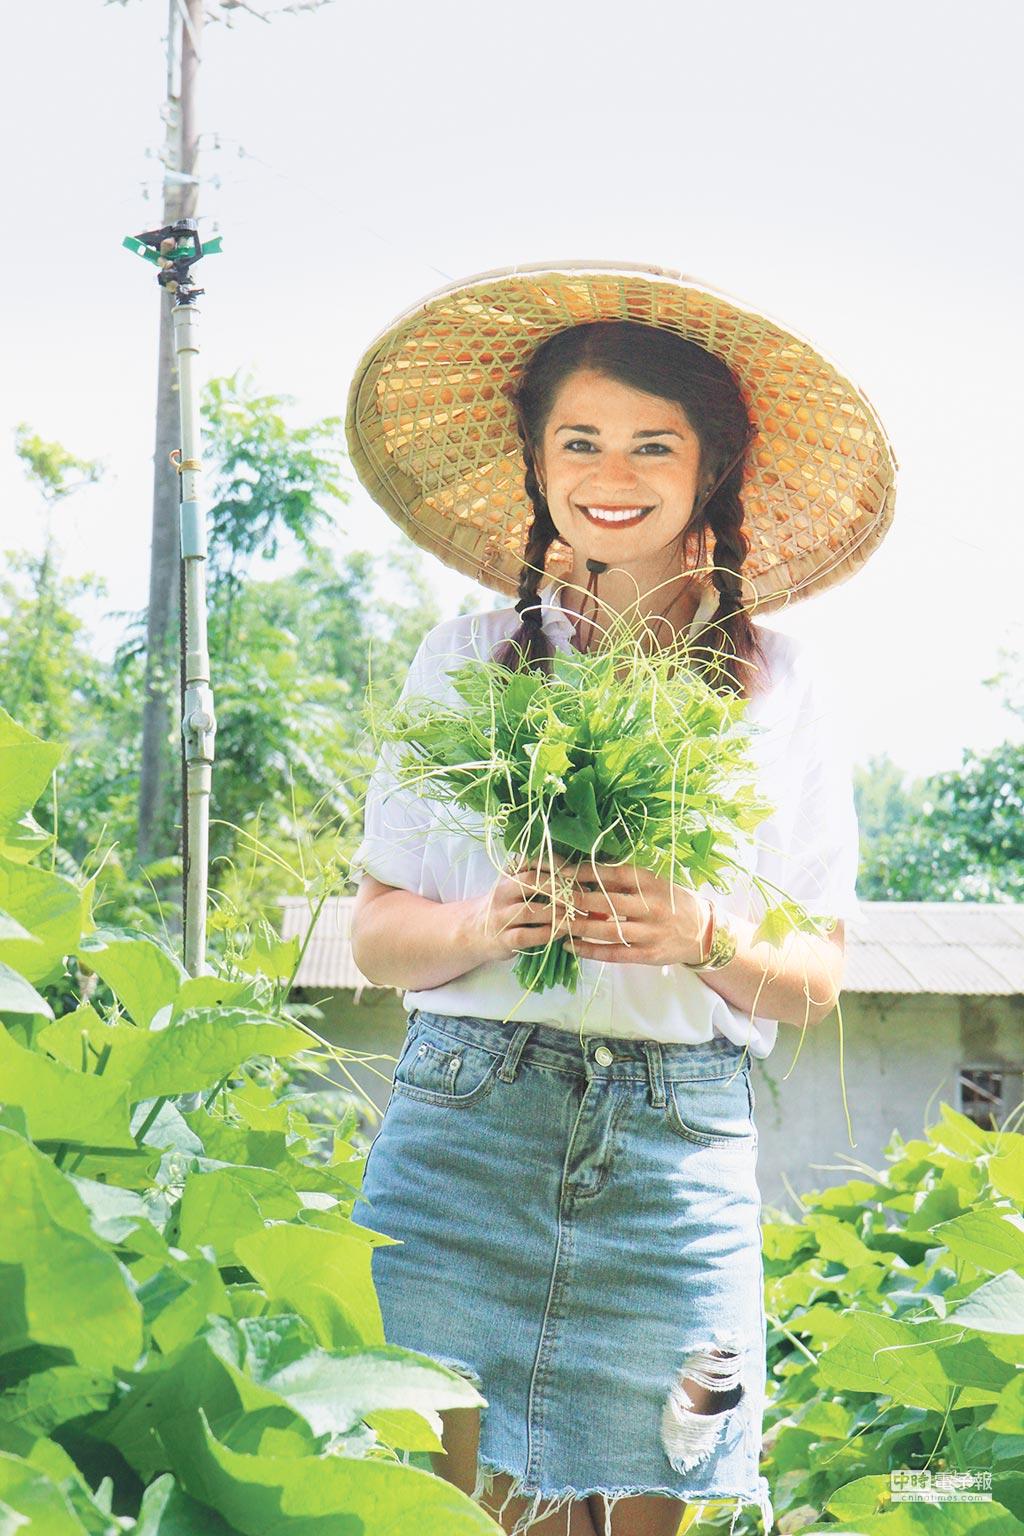 歐洲女孩當大使 歡迎來體驗2017年7月,「RTM泛旅遊」為讓台灣在地旅遊國際化,安排來自斯洛伐克的女孩Adriana(好好提供)擔任生活體驗大使,到甲仙生活1個多月。期間她與在地人同住,透過社區活動、農事體驗等,並拍攝微電影推廣給外地的朋友們,歡迎國外客到甲仙遊玩。(李承陽)